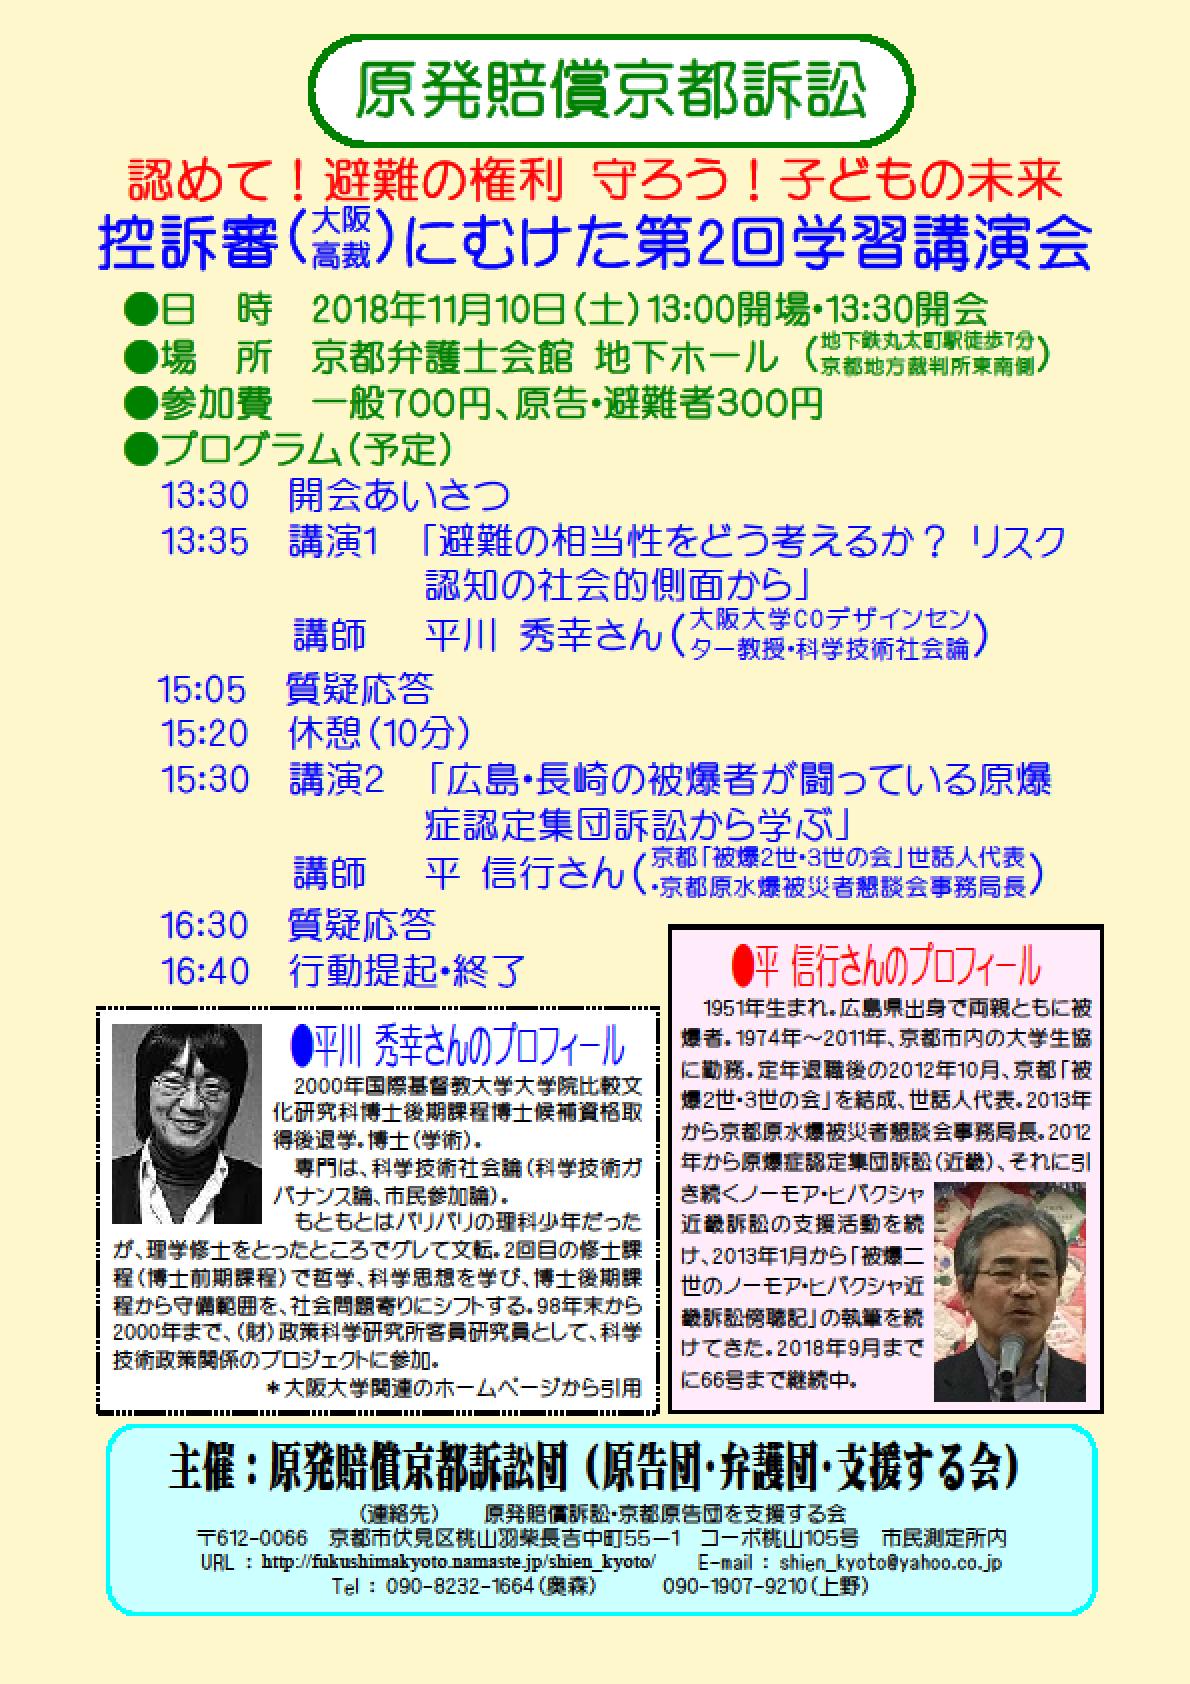 【ご案内】原発賠償京都訴訟団の11月の取り組みにご参加ください!_e0391248_00295602.png